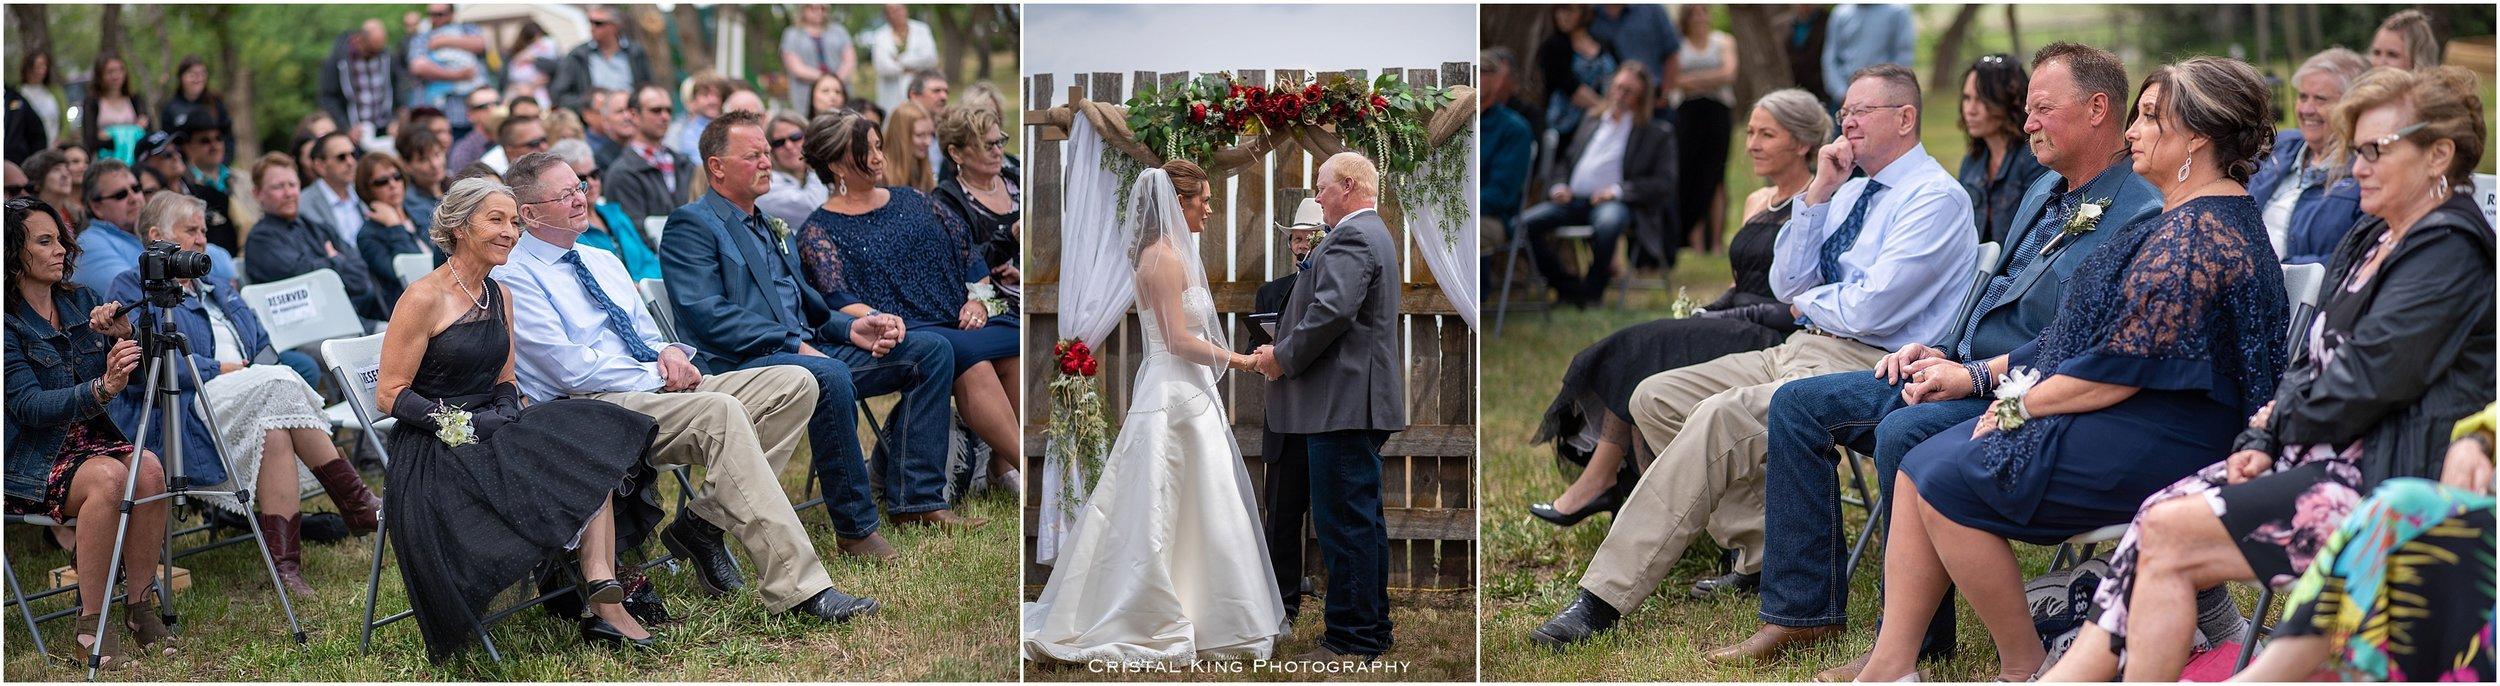 Noel & Justin's Wedding-71.jpg